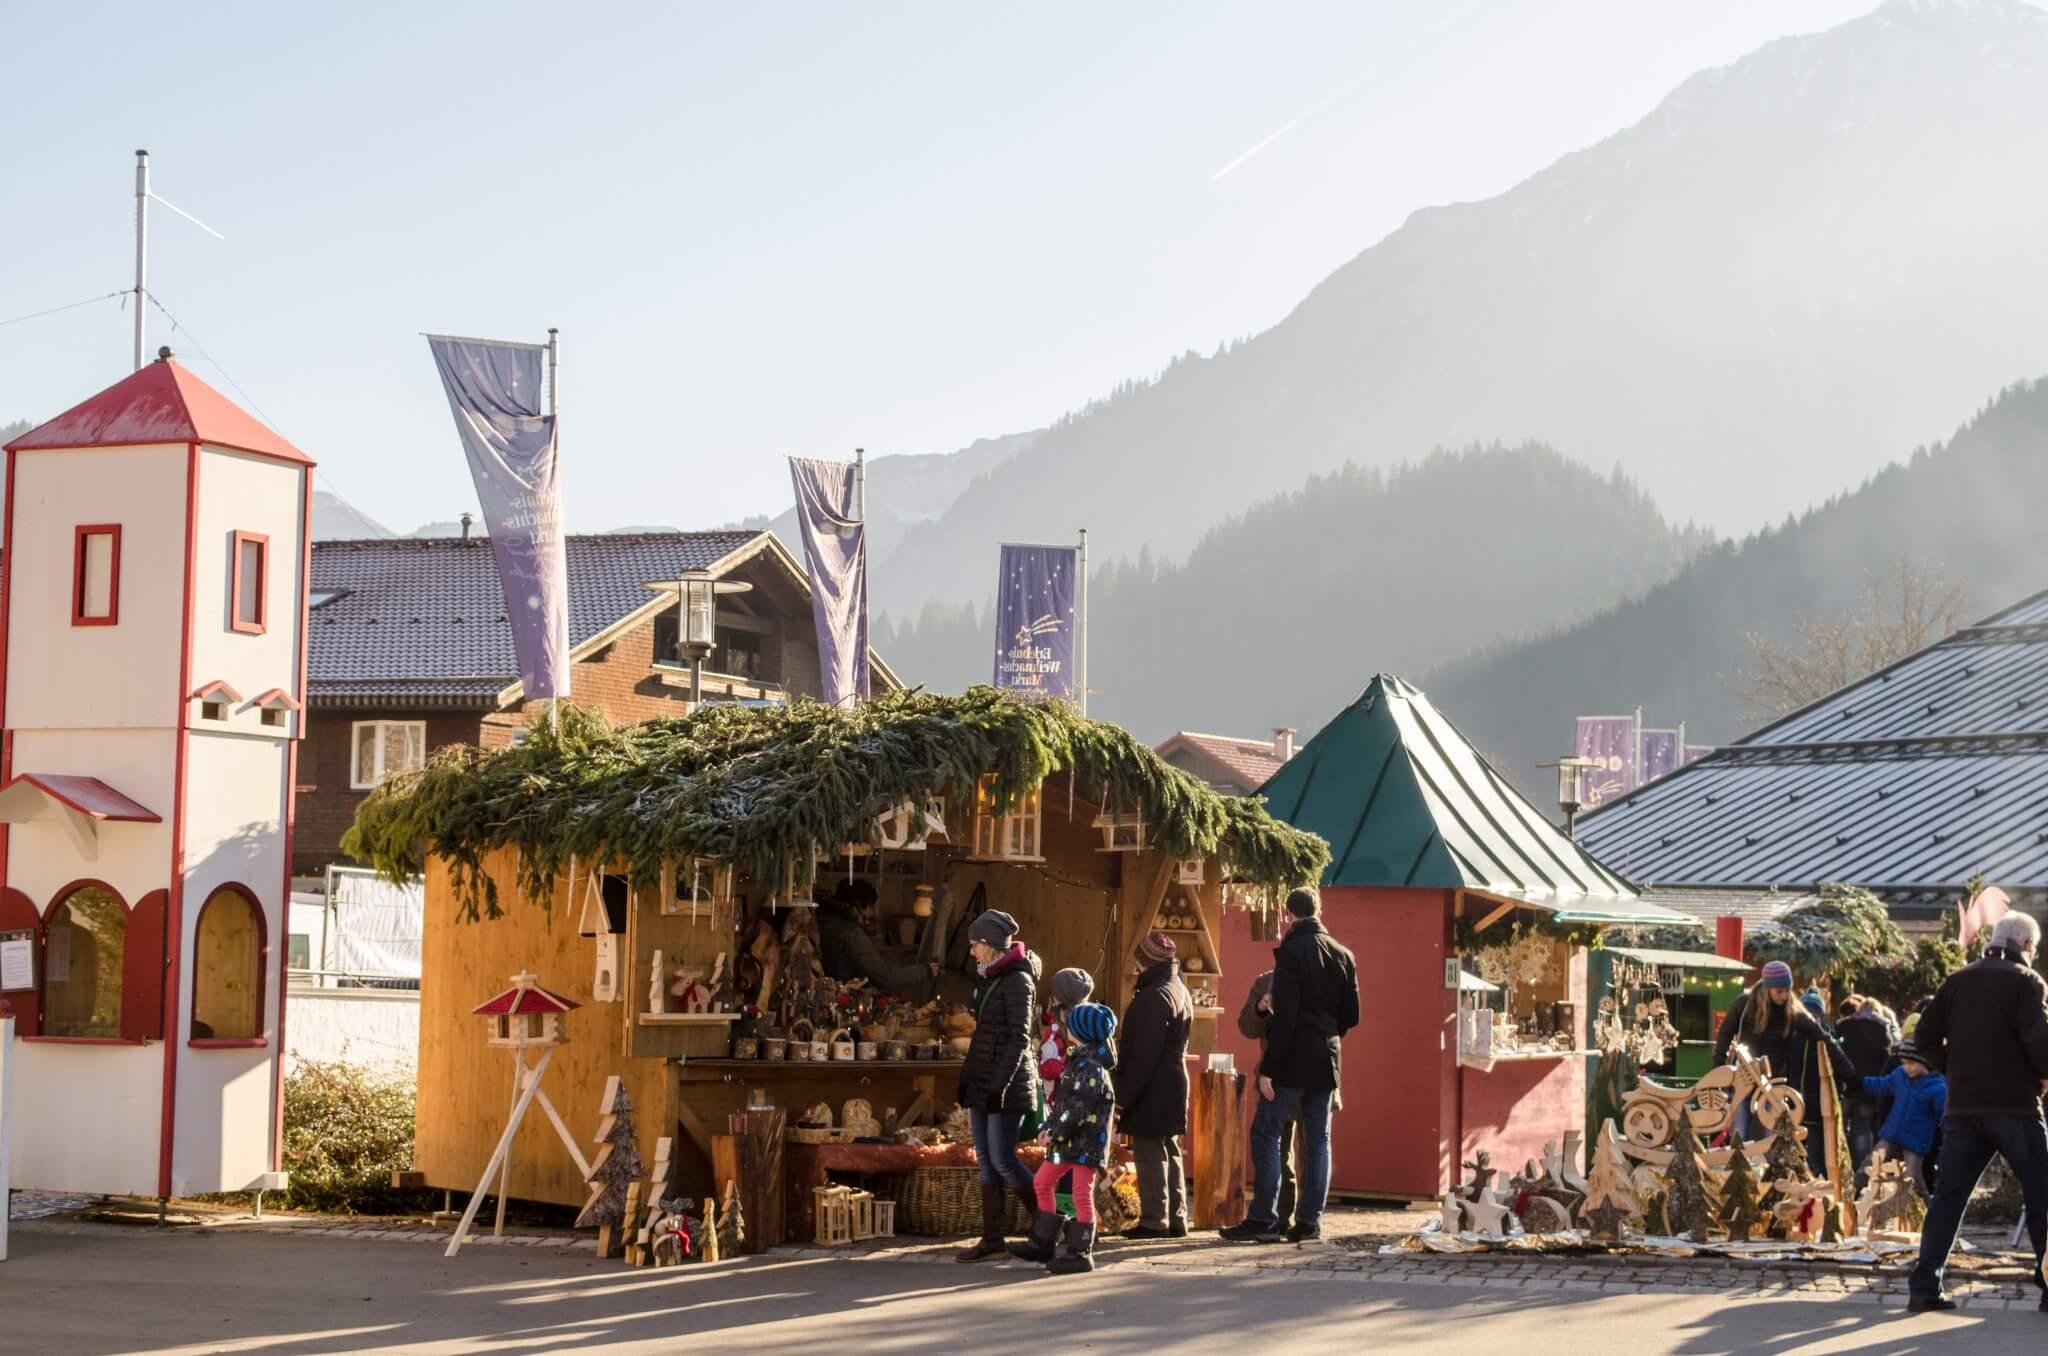 Christmas Market Bad Hindelang